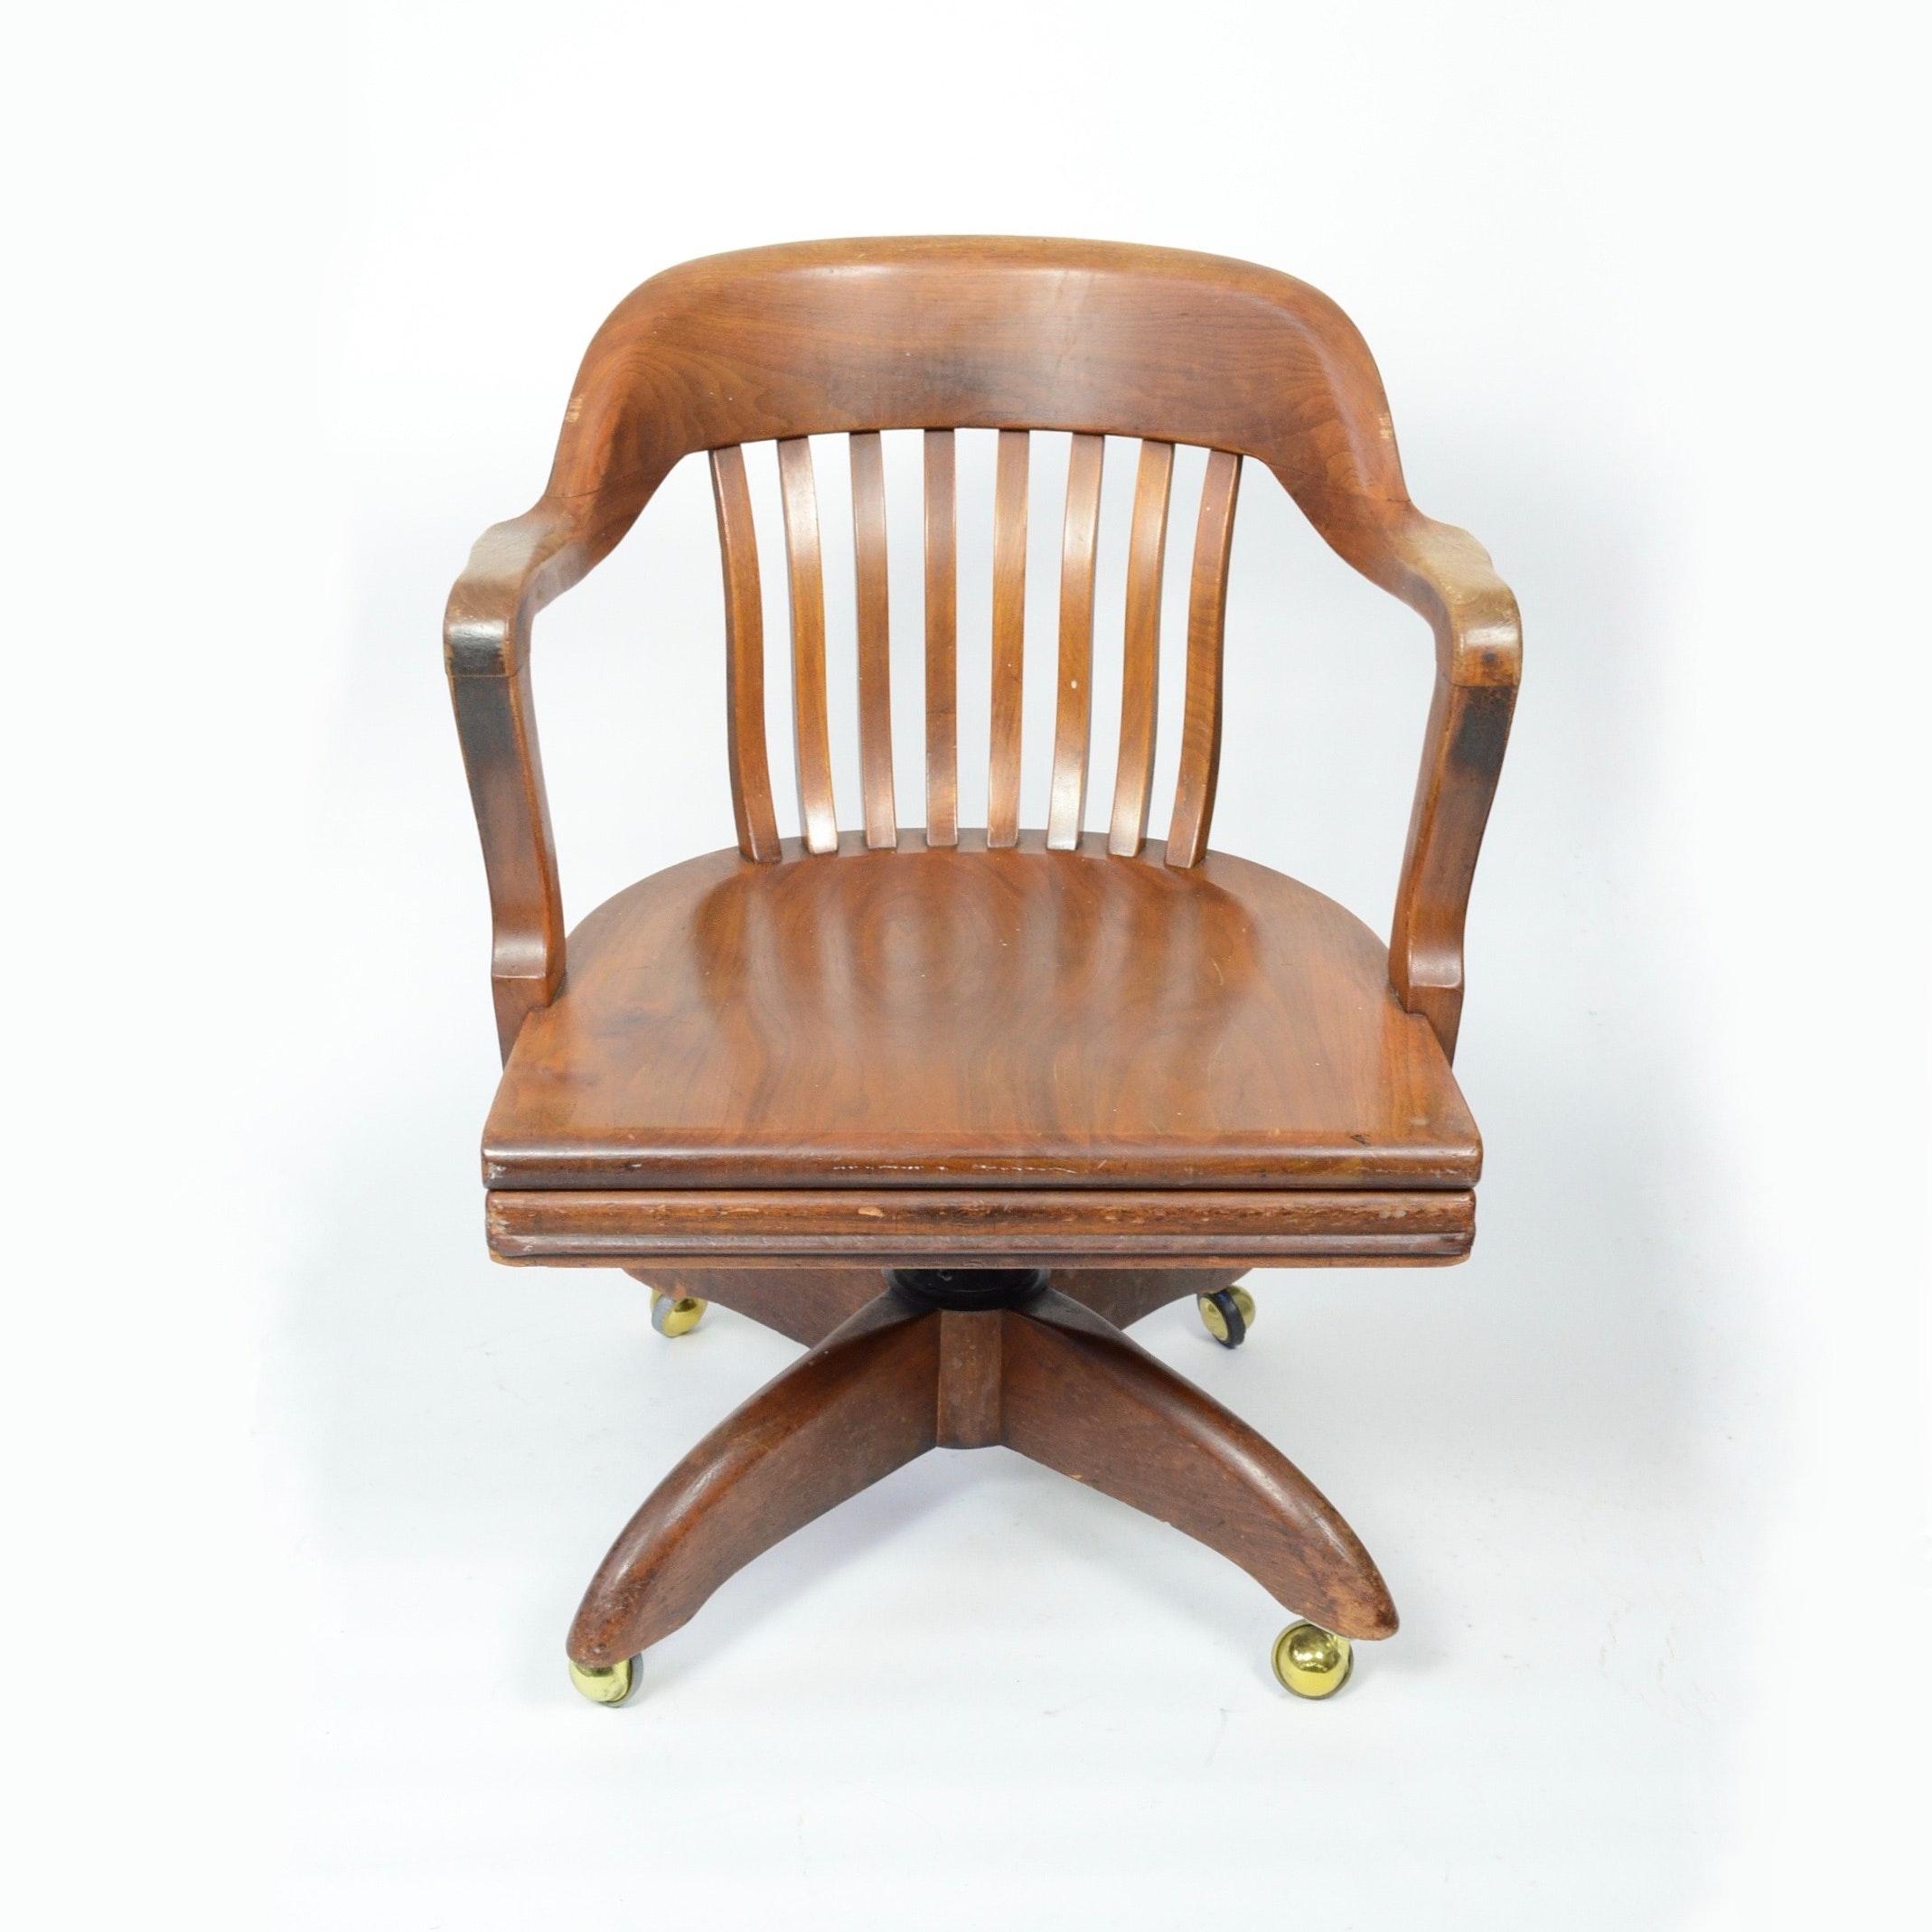 vintage walnut chair by wh gunlocke